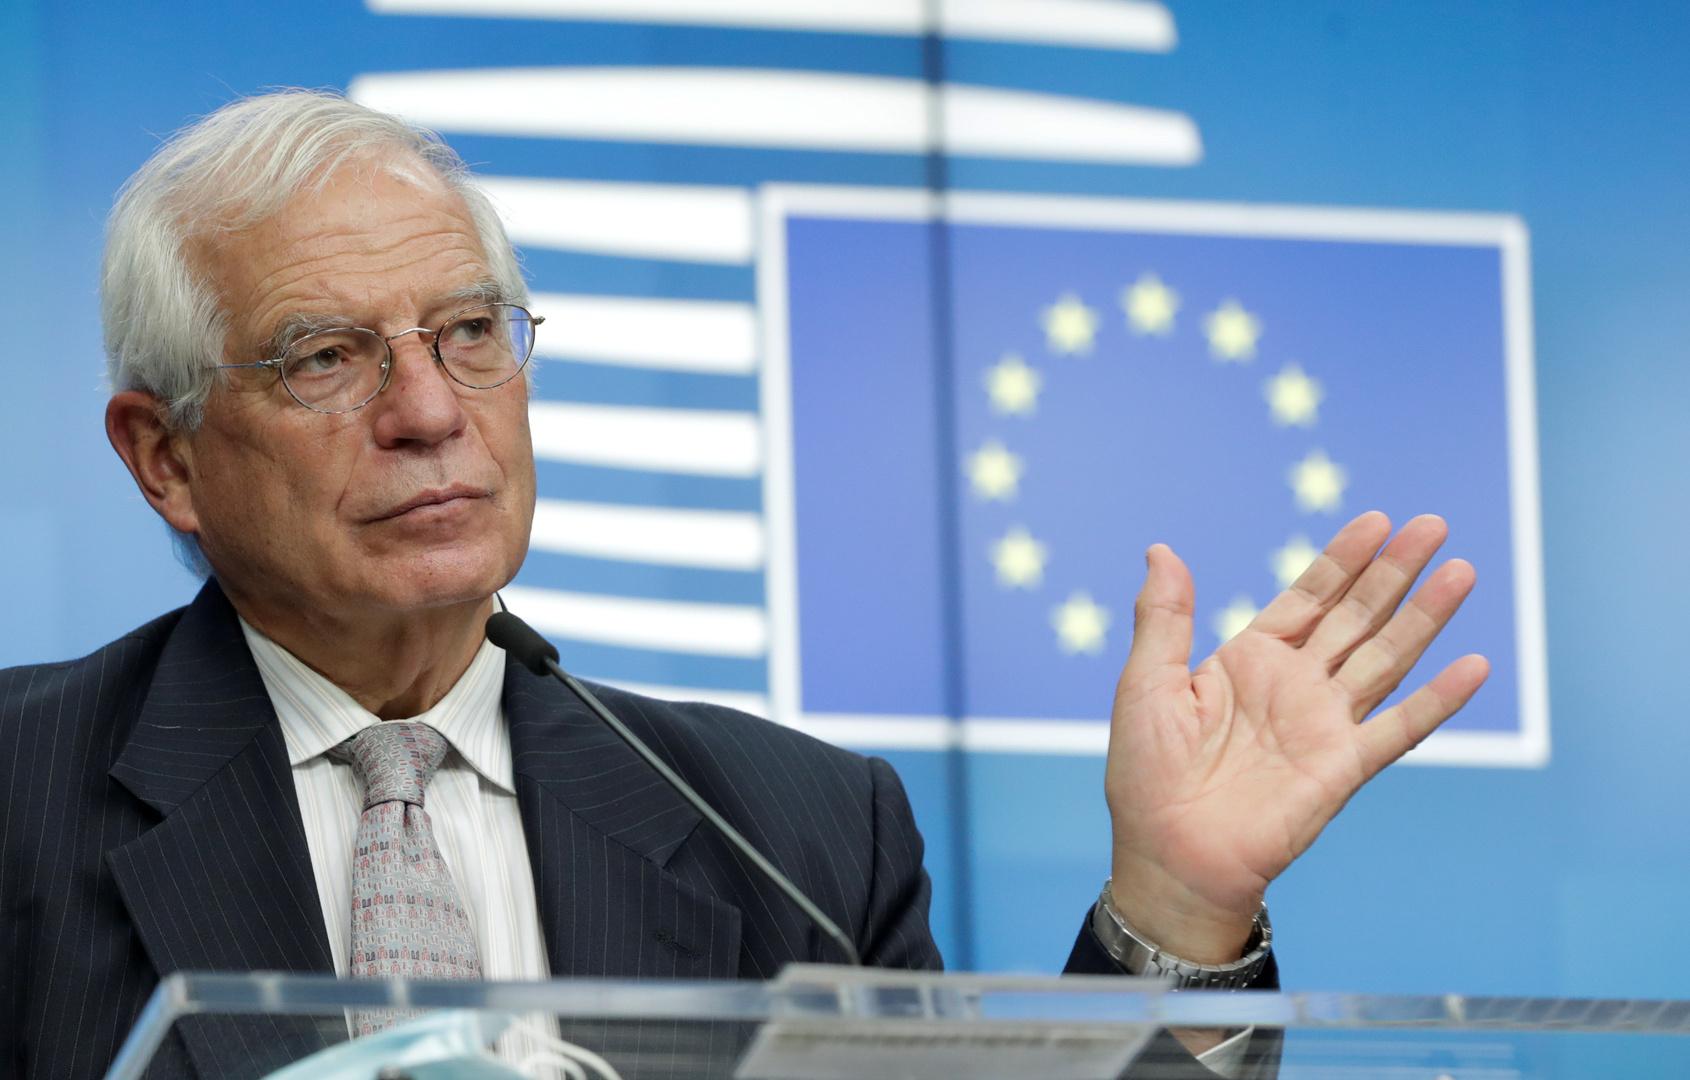 المفوض السامي للاتحاد الأوروبي للسياسة الخارجية والأمنية، جوزيب بوريل.